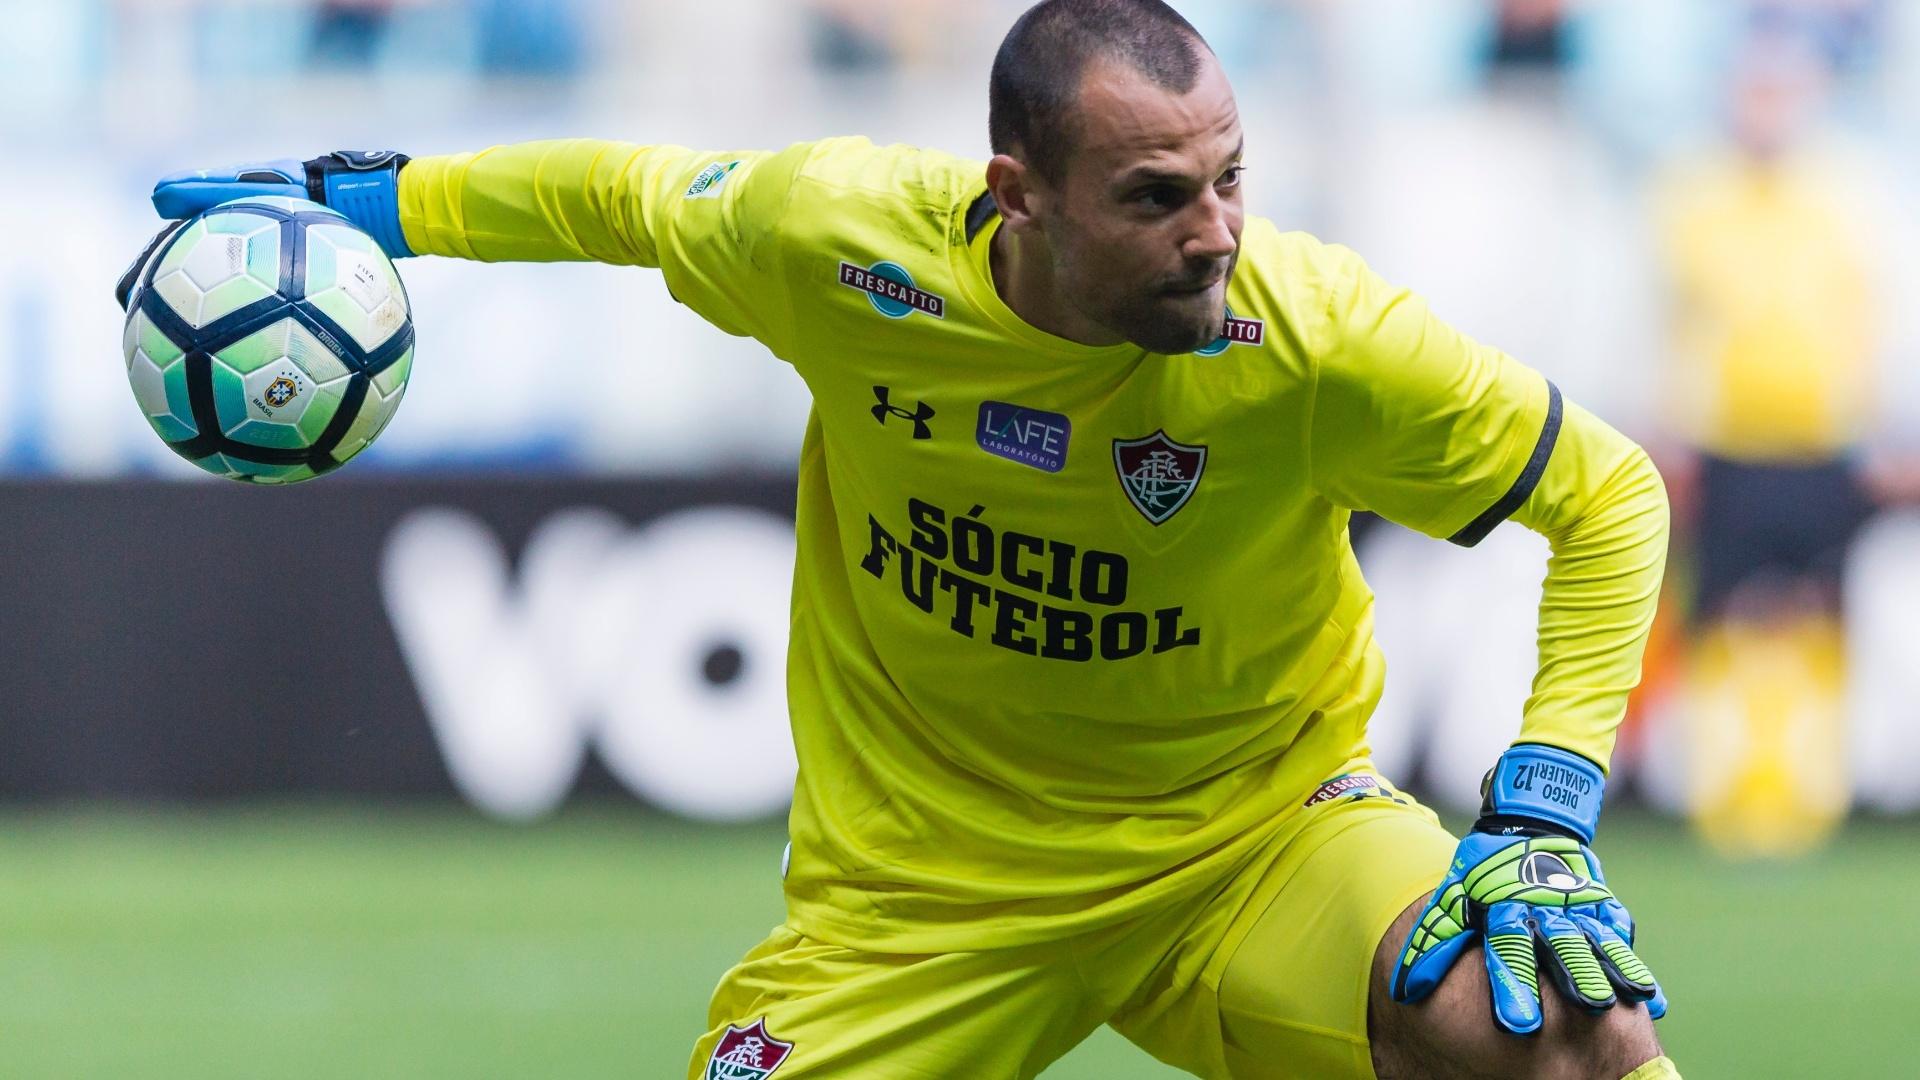 Diego Cavalieri, então goleiro do Fluminense, em ação durante partida em 2017